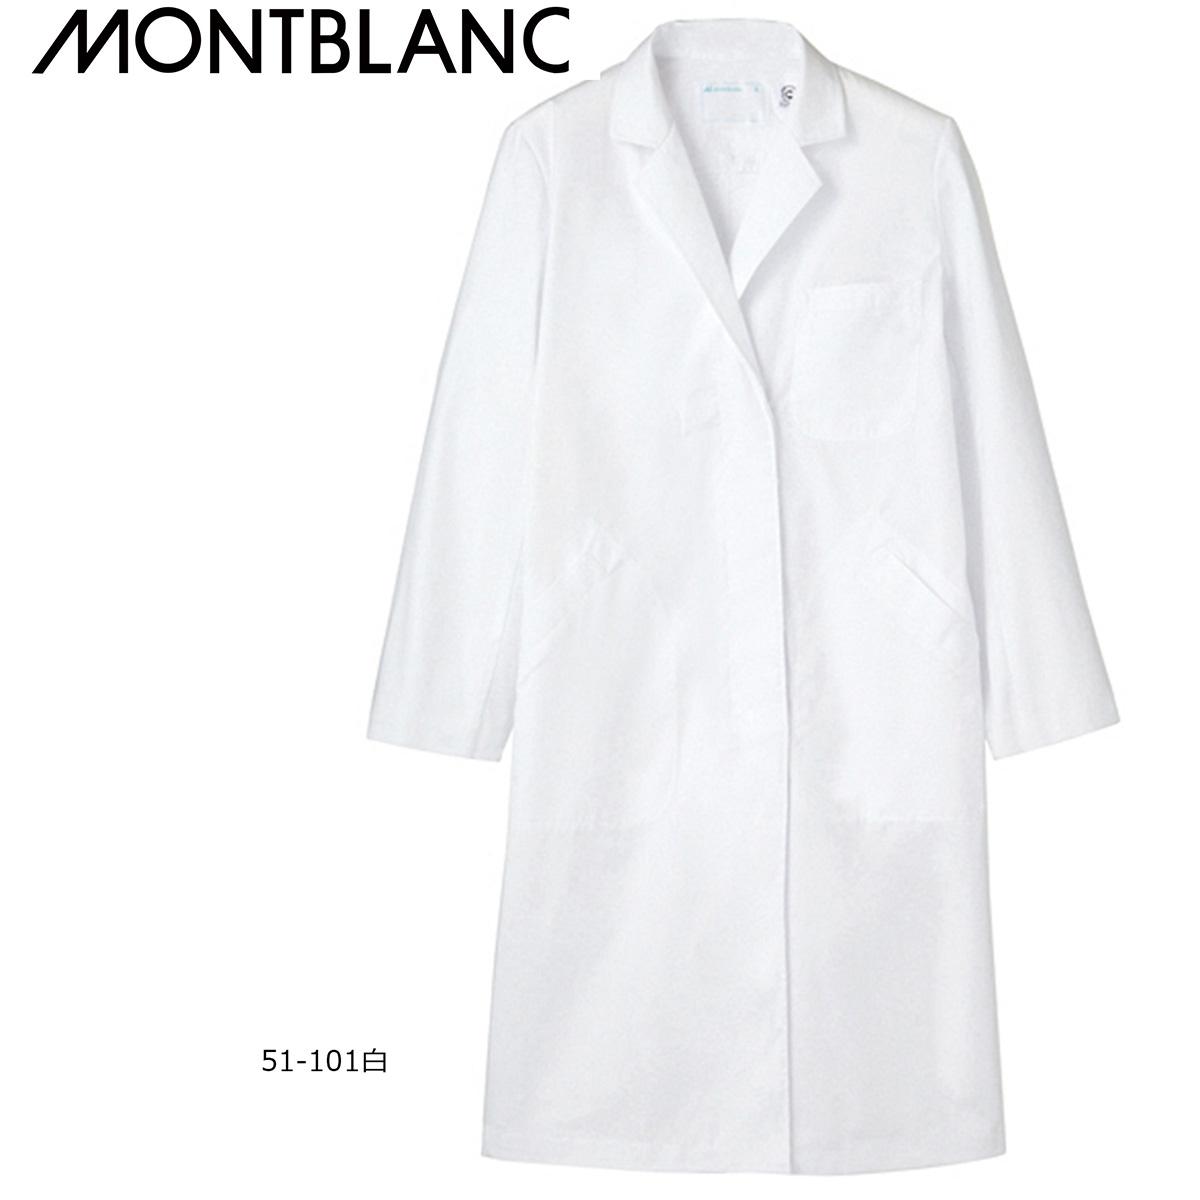 白衣 モンブラン ドクターコート レディス シングル 長袖 白 51-101 診察衣 ホワイト